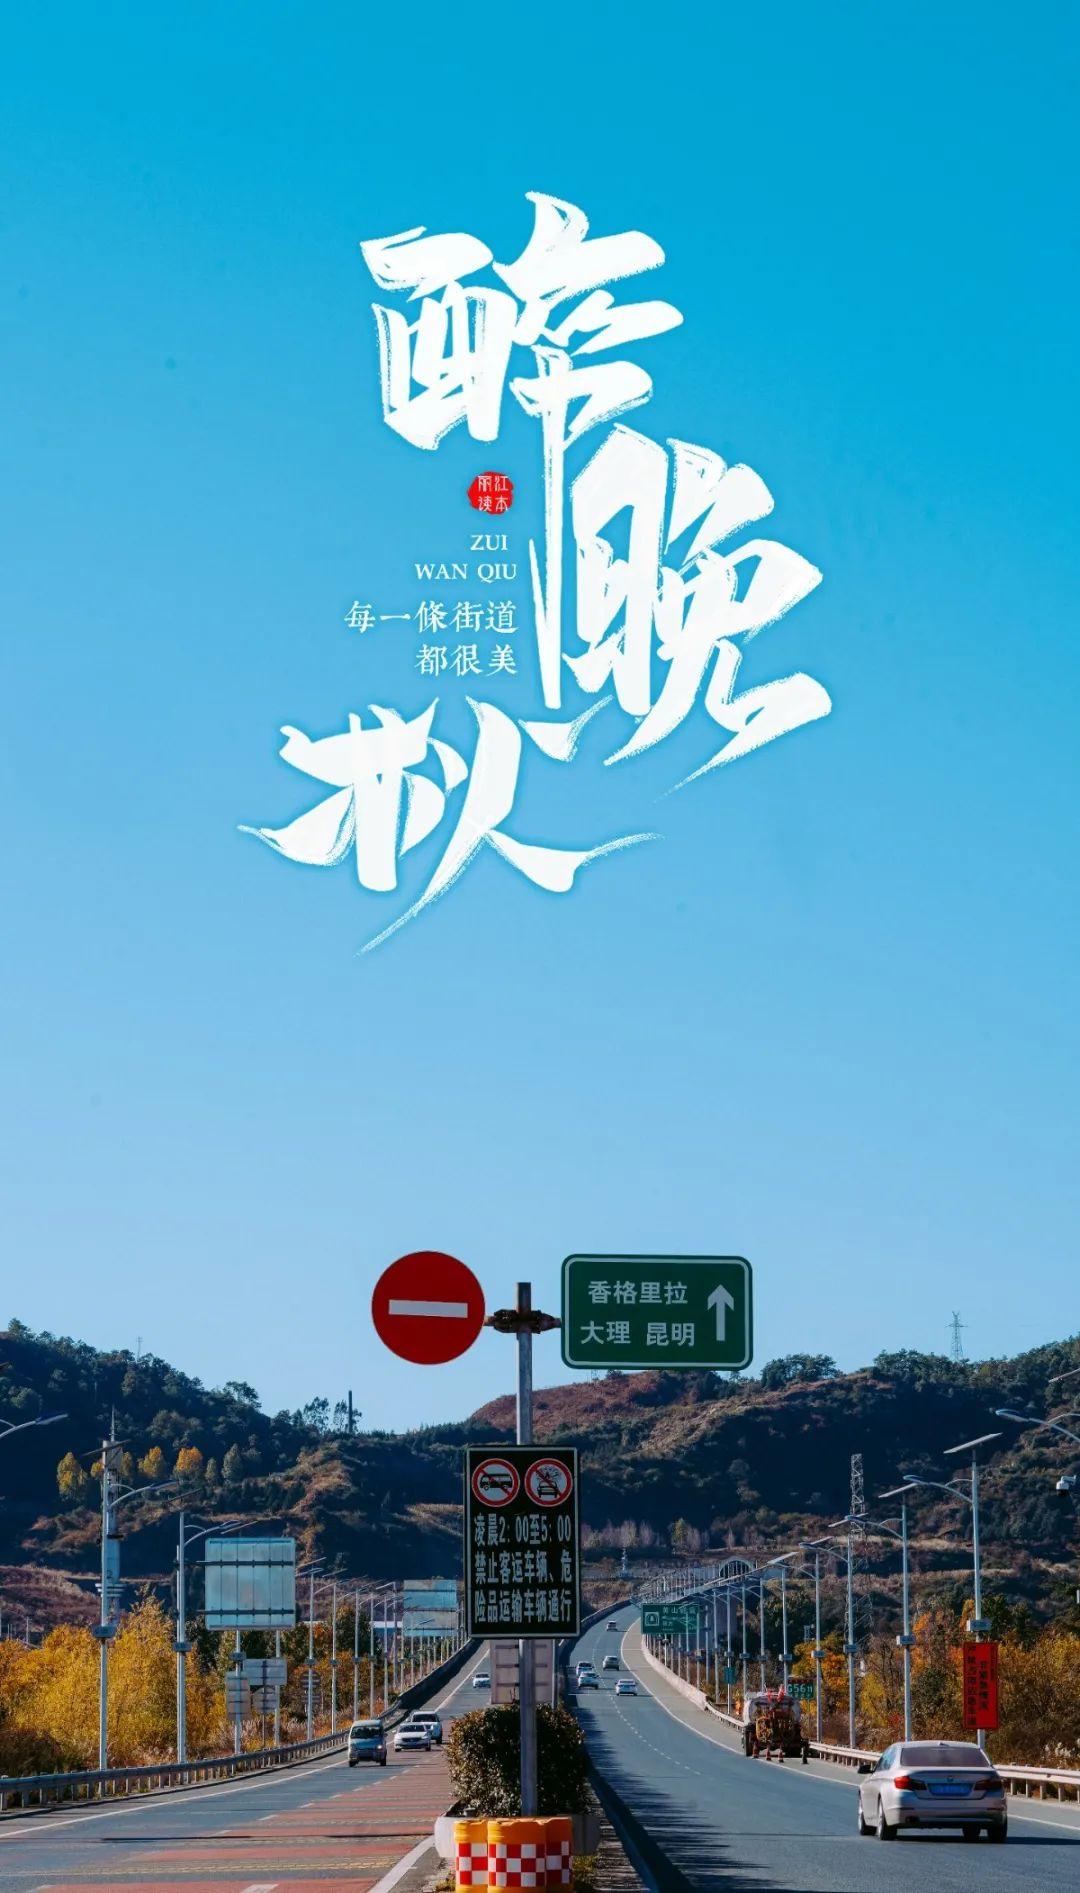 「丽江古城区有几个街道」PK!看看此季丽江这些街道,哪一条最美?